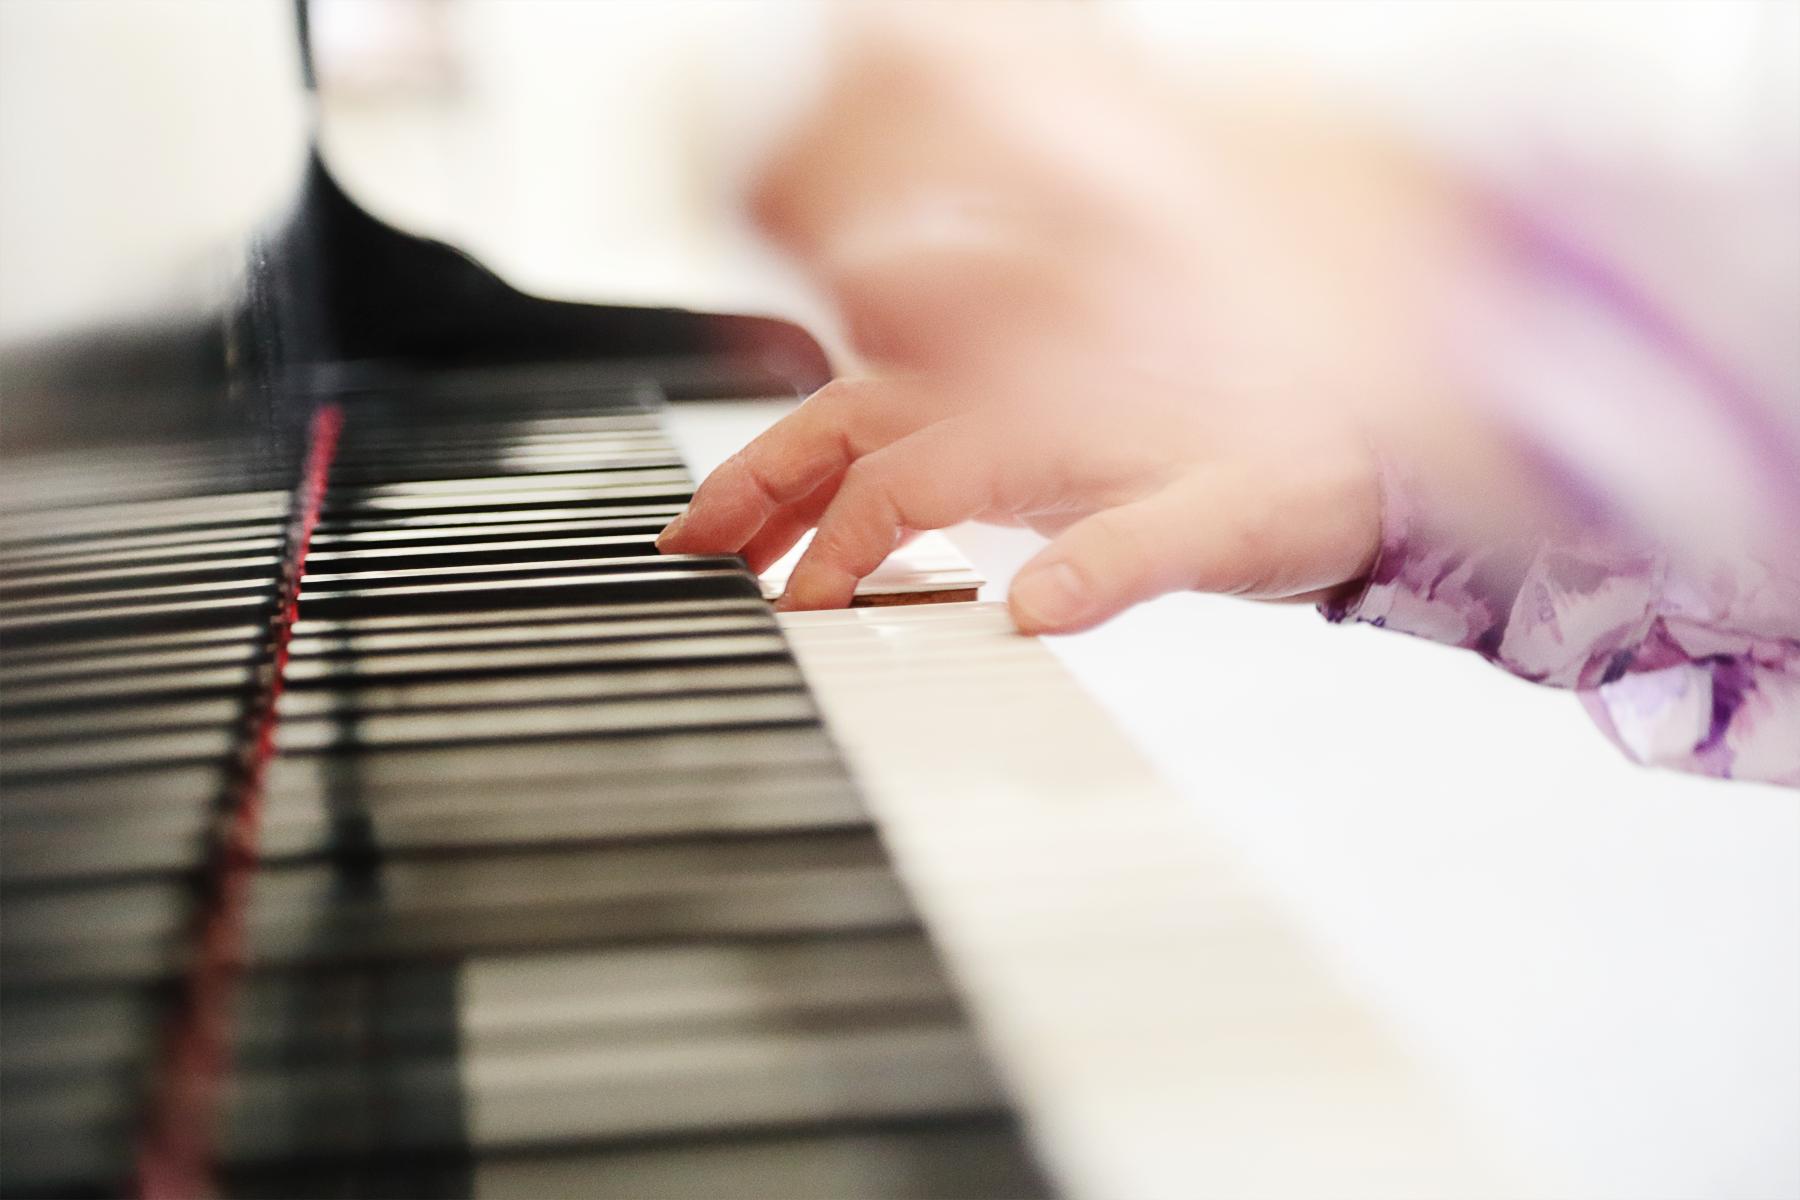 Piano_Play_7_DPP_0034.png